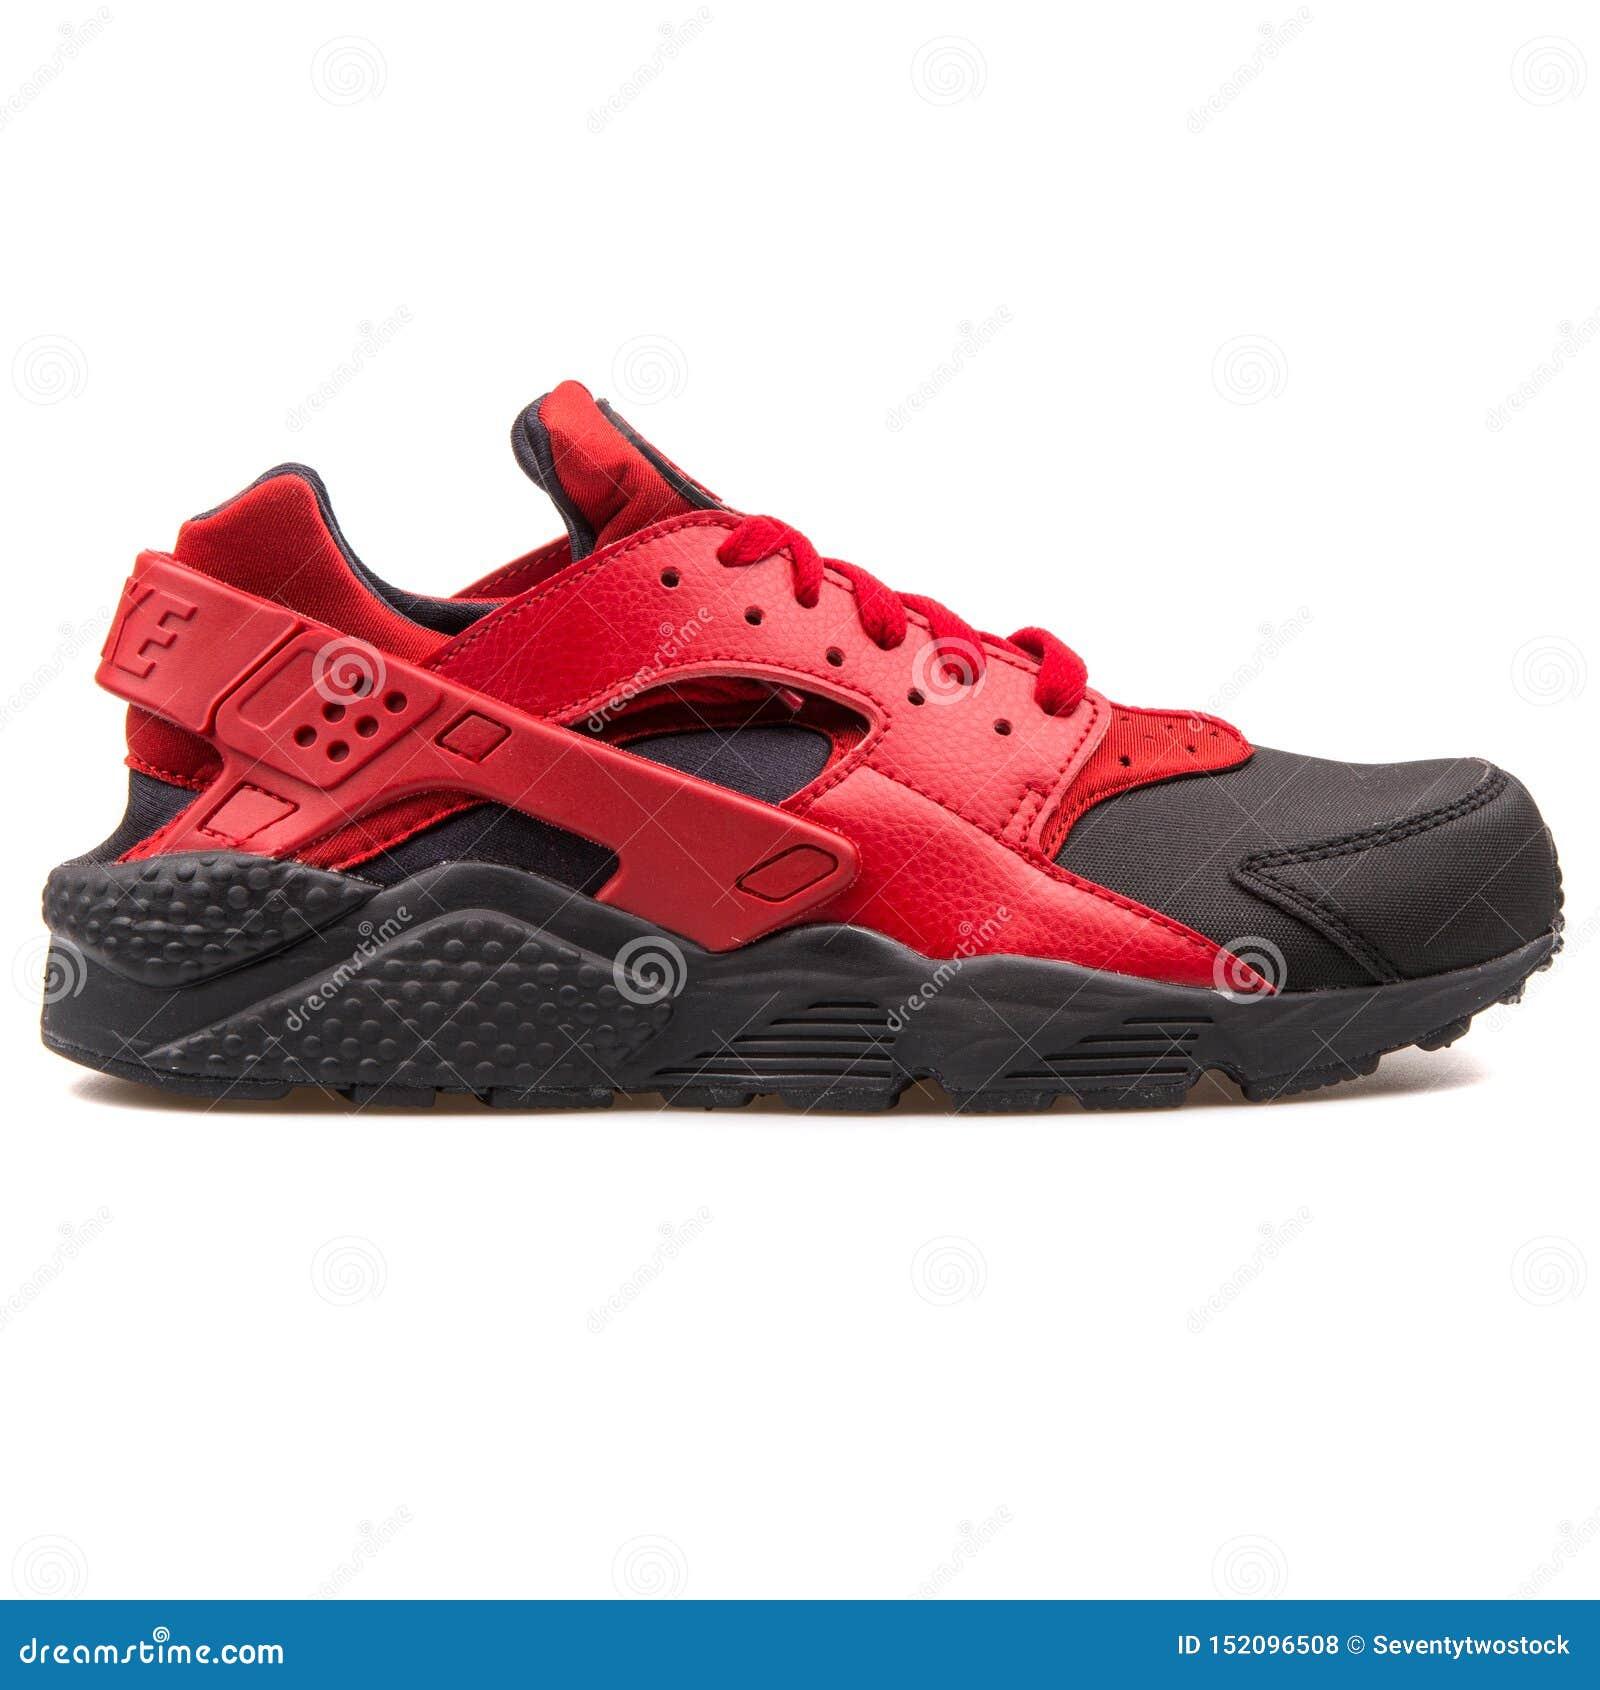 angustia voz Depresión  Zapatilla De Deporte Roja Y Negra De Nike Air Huarache Run Premium Foto de  archivo editorial - Imagen de negra, zapatilla: 152096508